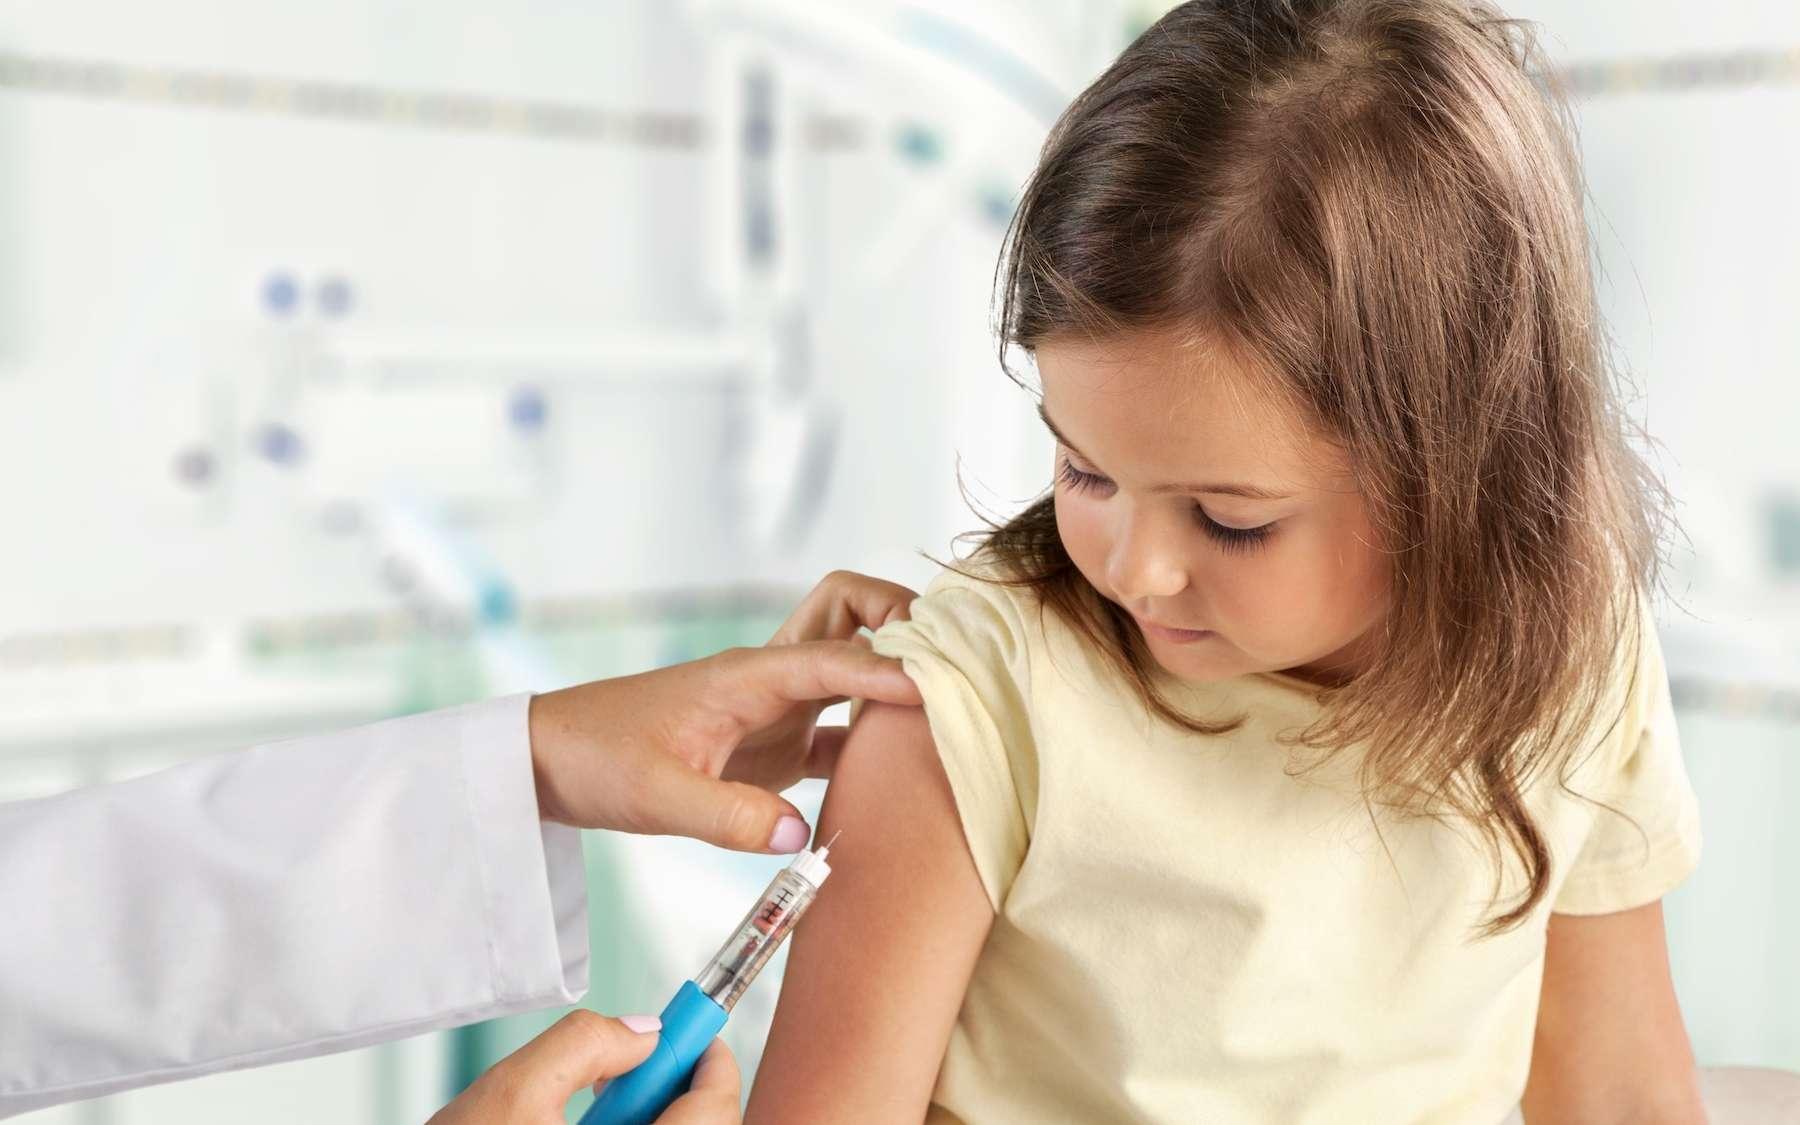 Vacciner les enfants : bonne ou mauvaise idée ? © BillionPhotos.com, Adobe Stock